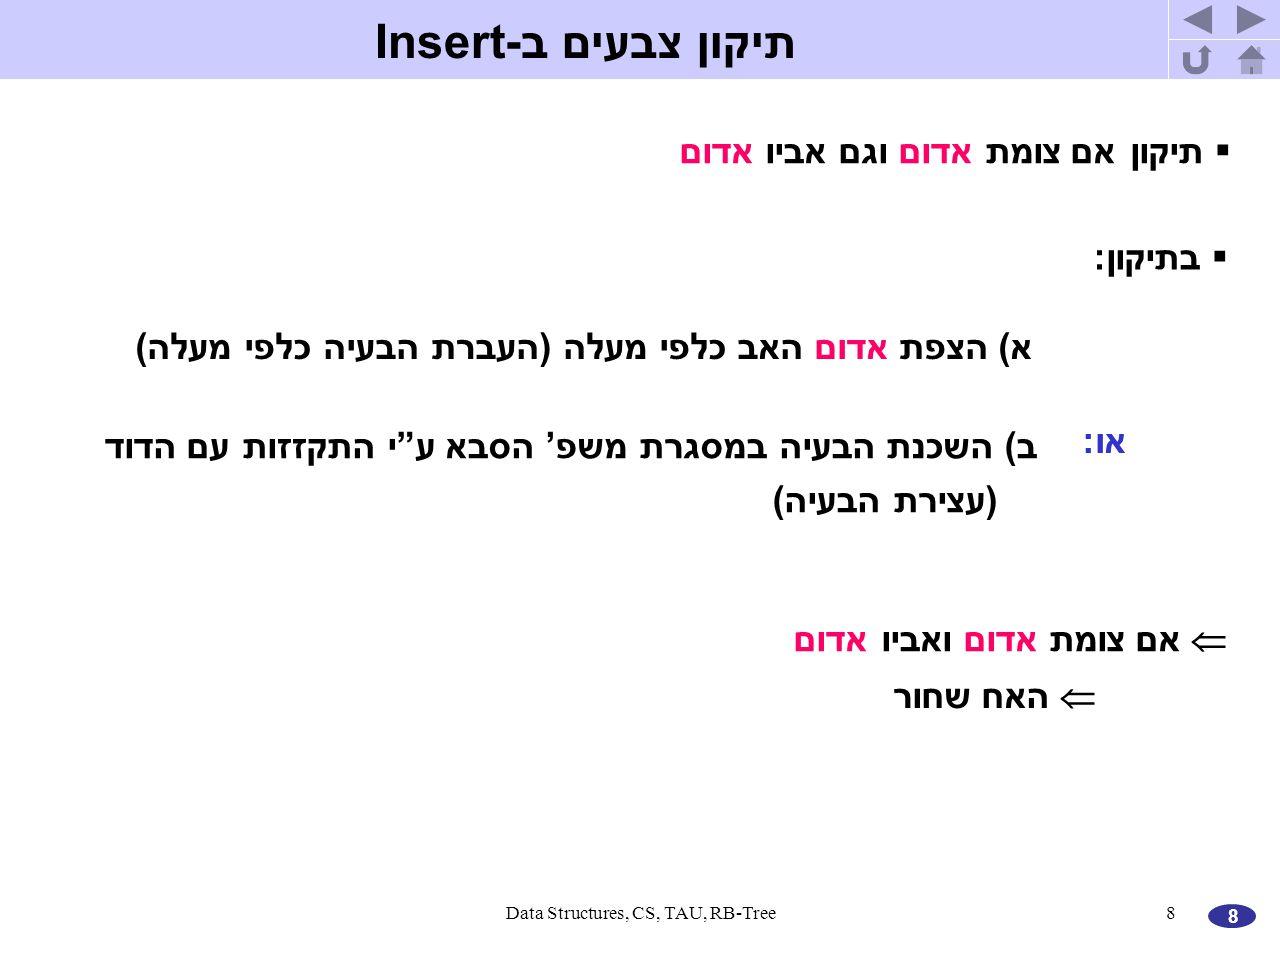 8 Data Structures, CS, TAU, RB-Tree8 תיקון צבעים ב-Insert  תיקון אם צומת אדום וגם אביו אדום  בתיקון: א) הצפת אדום האב כלפי מעלה (העברת הבעיה כלפי מעלה) ב) השכנת הבעיה במסגרת משפ' הסבא ע י התקזזות עם הדוד (עצירת הבעיה) או:  אם צומת אדום ואביו אדום  האח שחור